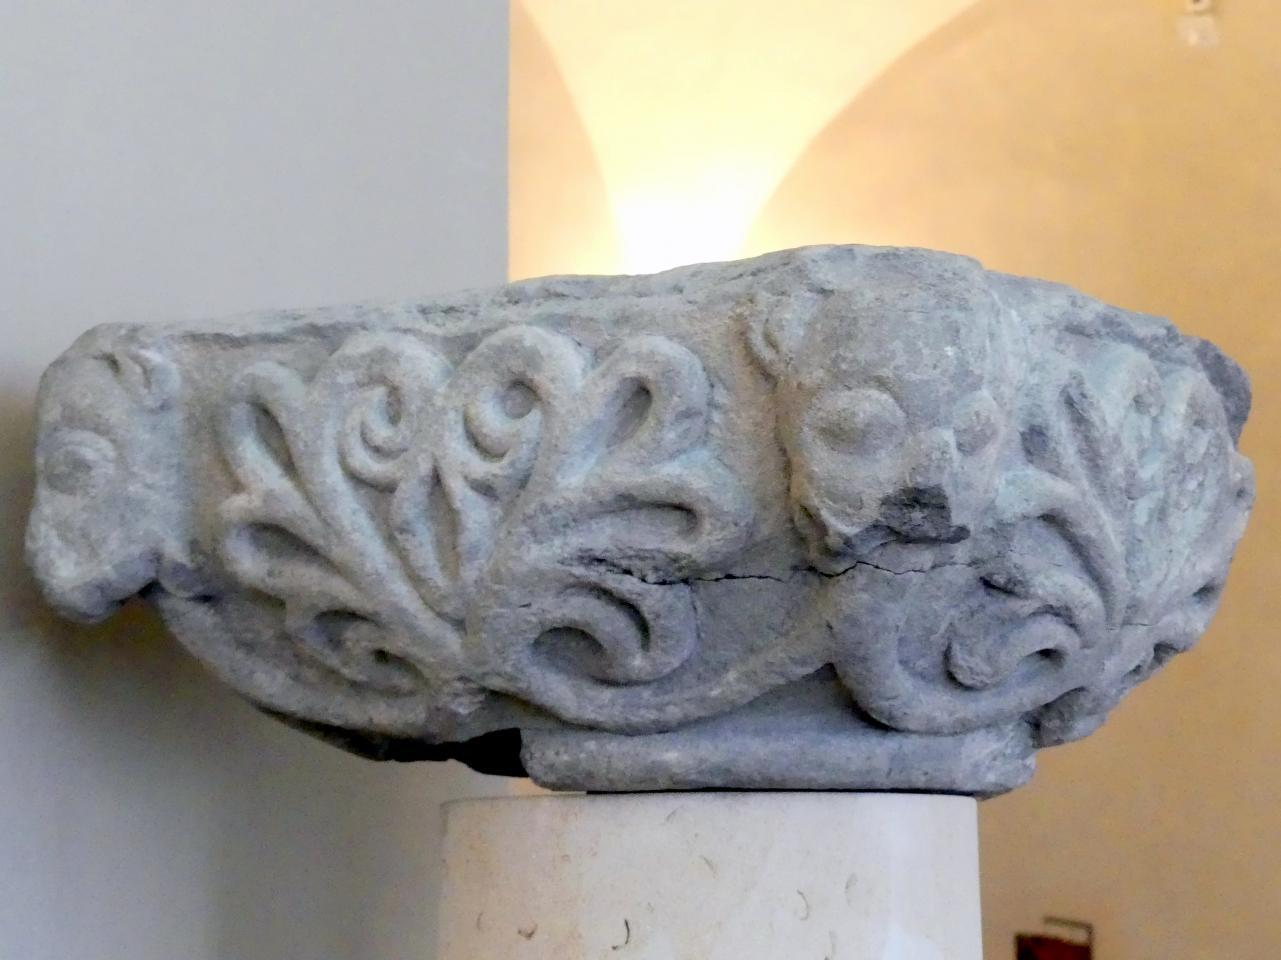 Würfel-Kapitell mit Ranken und Löwenköpfen, 1. Hälfte 12. Jhd.